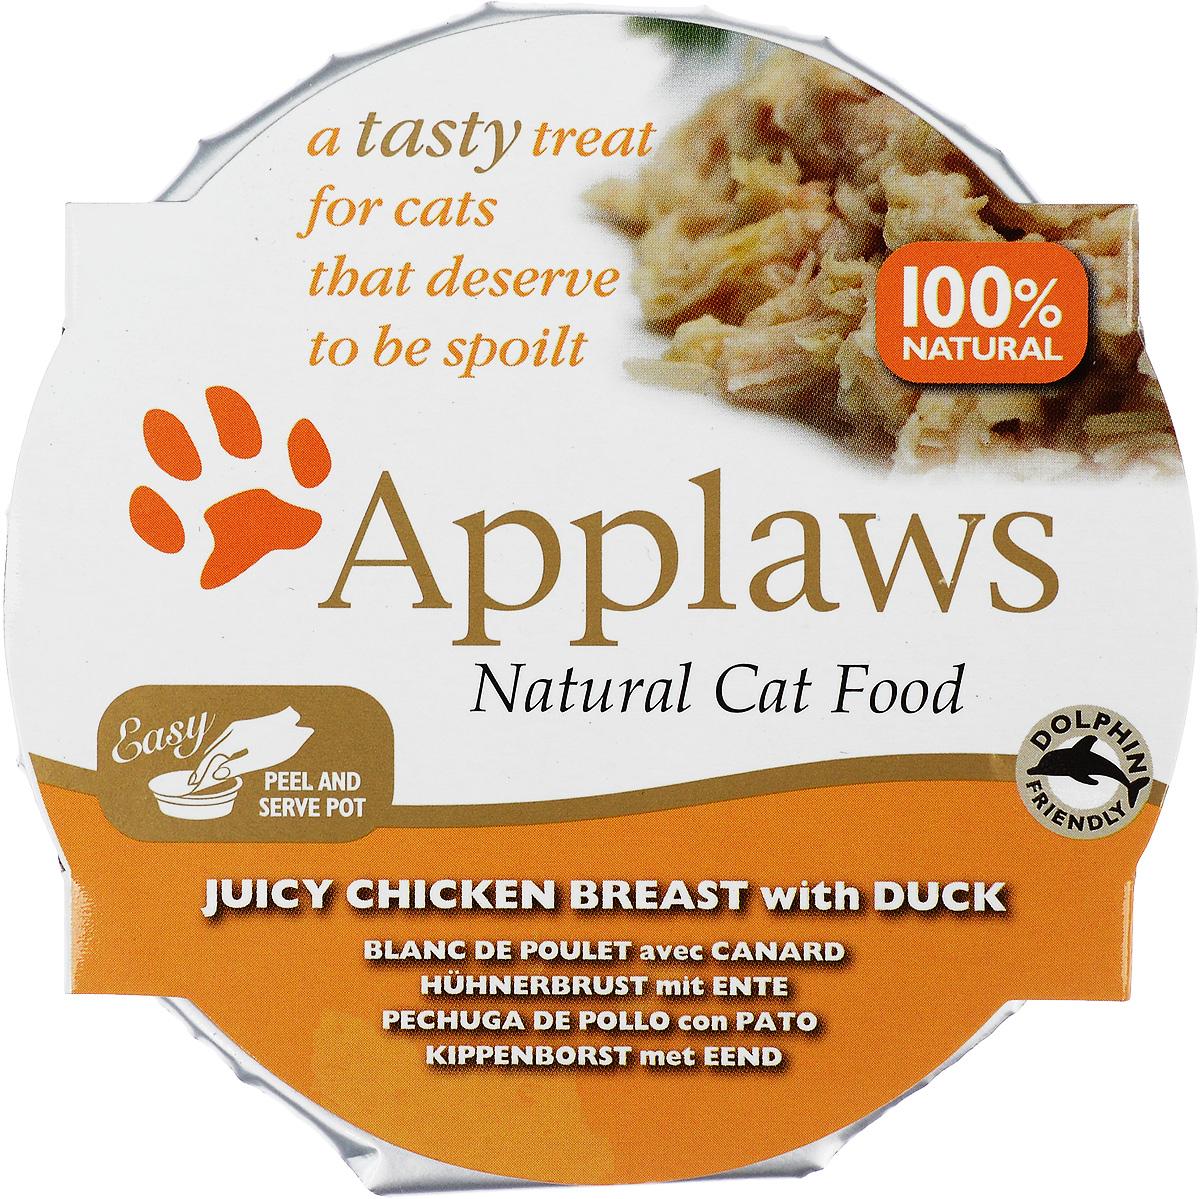 Консервы для кошек Applaws, с сочной куриной грудкой и уткой, 60 г24381Каждая баночка Applaws содержит порцию свежего мяса, приготовленного в собственном бульоне. Для приготовления любого типа консервов используется мясо животных свободного выгула, выращенных на фермах Англии. Уникальный дизайн упаковки прекрасно заменяет миску для вашего любимца. Консервы Applaws приготовлены только из свежих и качественные ингредиентов. Не содержат красителей, усилителей вкуса и запаха, продуктов ГМО. Состав: филе куриной грудки 55%, куриный бульон 35%, филе утки 5%, рис 5%.Гарантированный анализ: белки 11%, клетчатка 0,5%, жиры 1%, зола 0,5%, влага 85%.Товар сертифицирован.